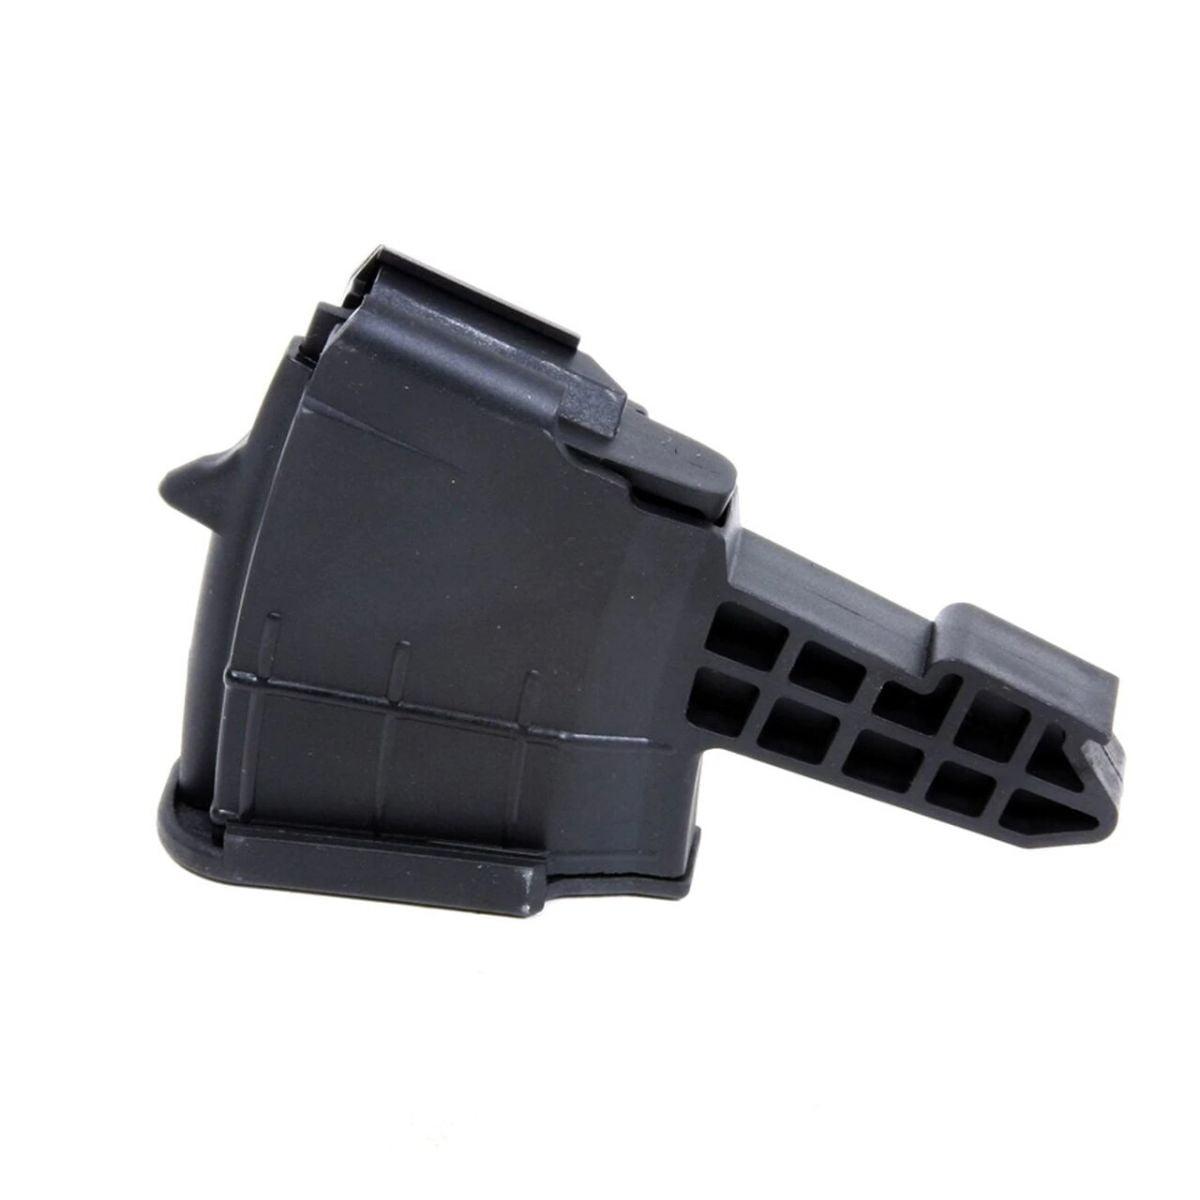 Магазин PROMAG полимерный для СКС кал. 7.62х39 на 5 патронов